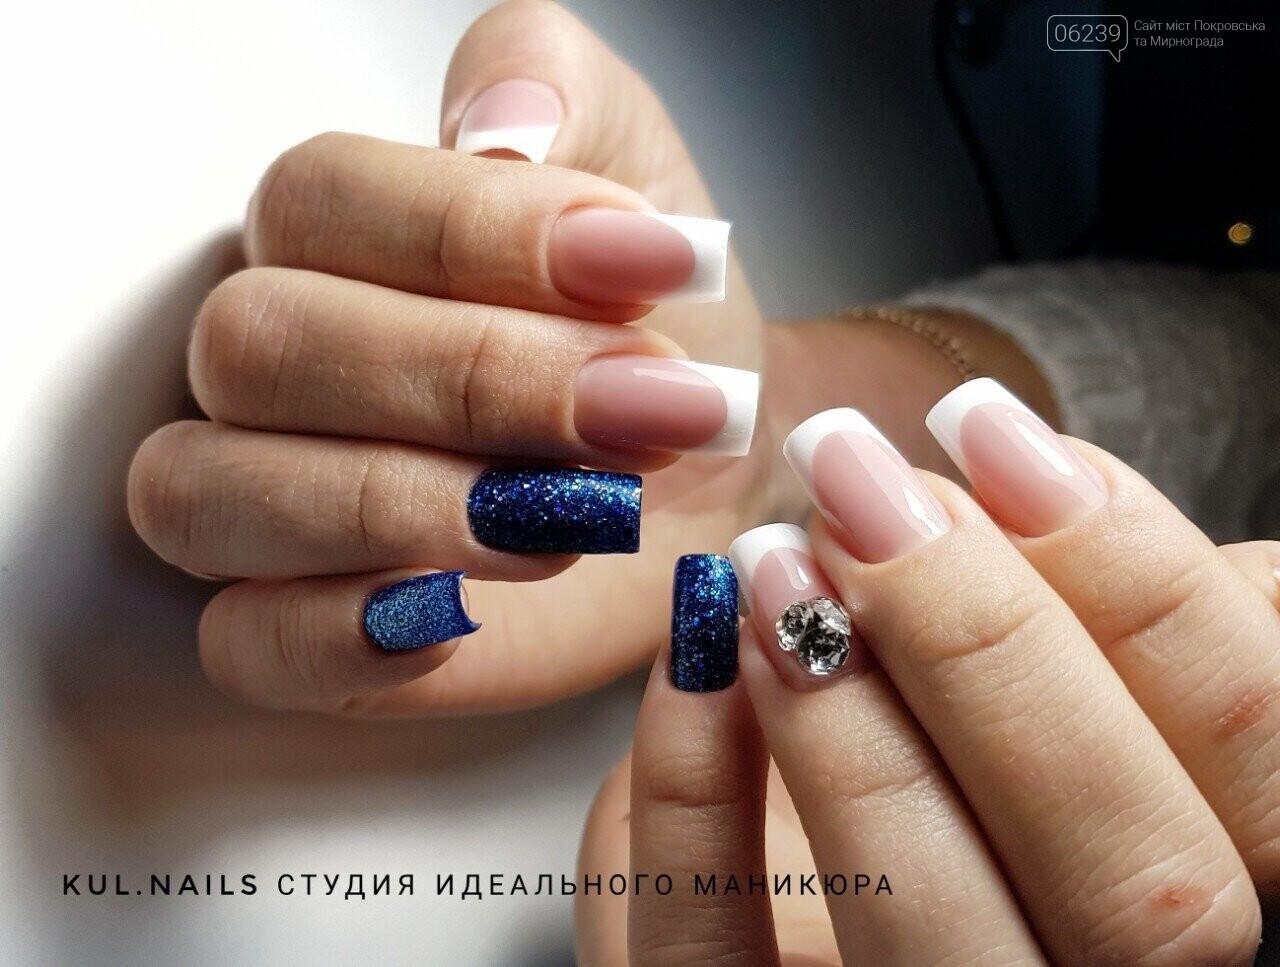 «Kul_nails_studio» в Покровске: дарим красоту качественно и профессионально, фото-2